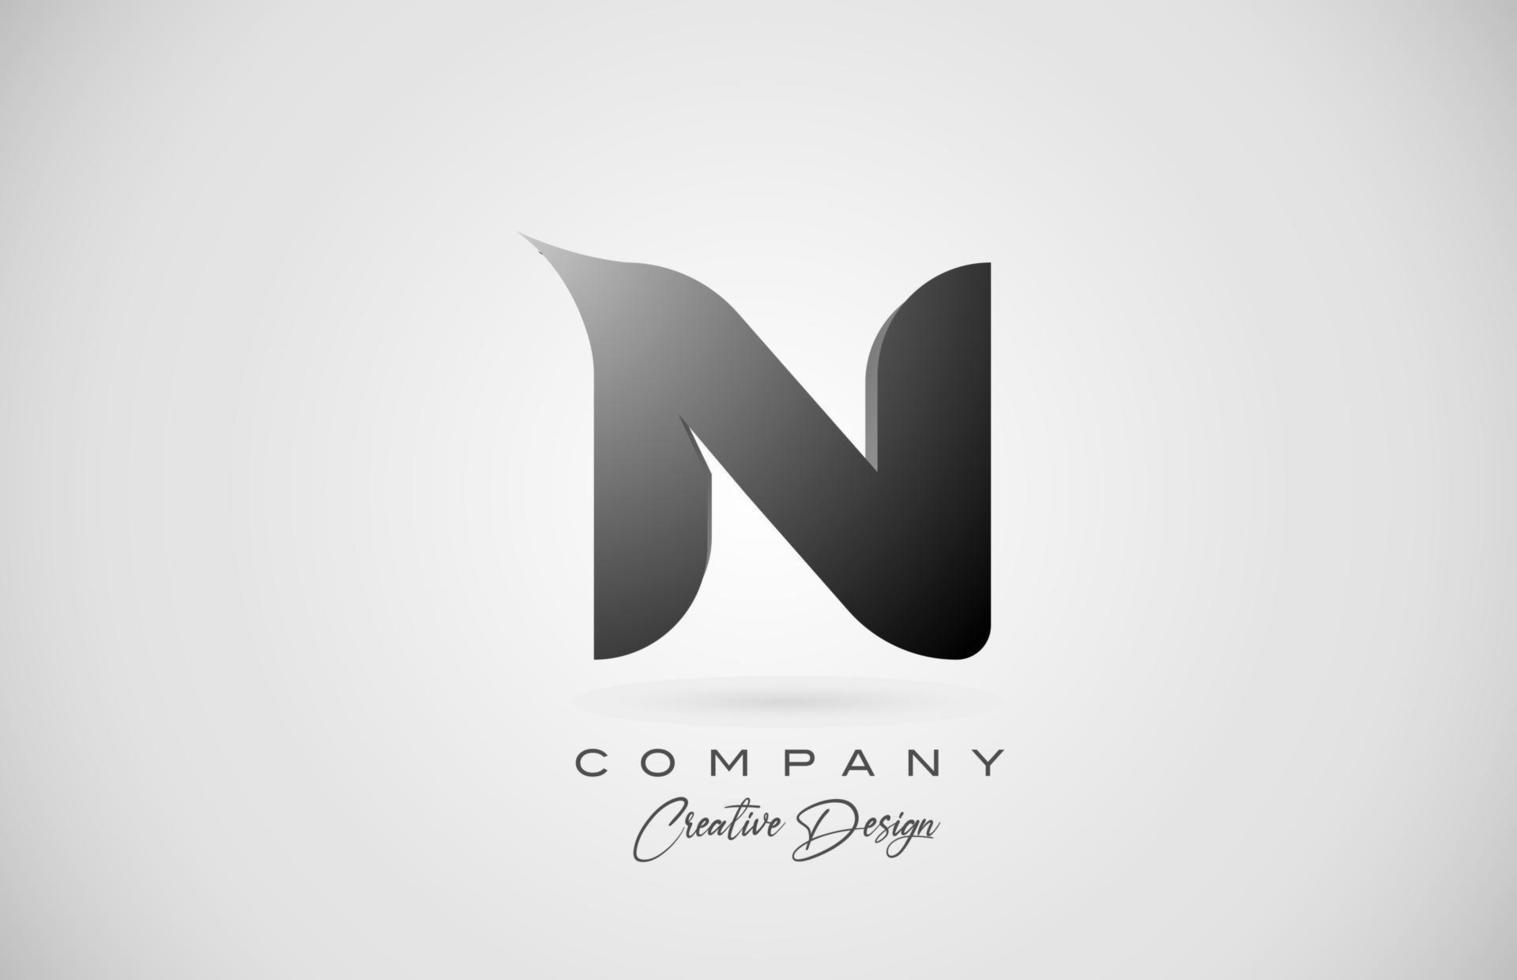 logotipo do ícone da letra n do alfabeto em gradiente preto. design criativo para negócios e empresa vetor